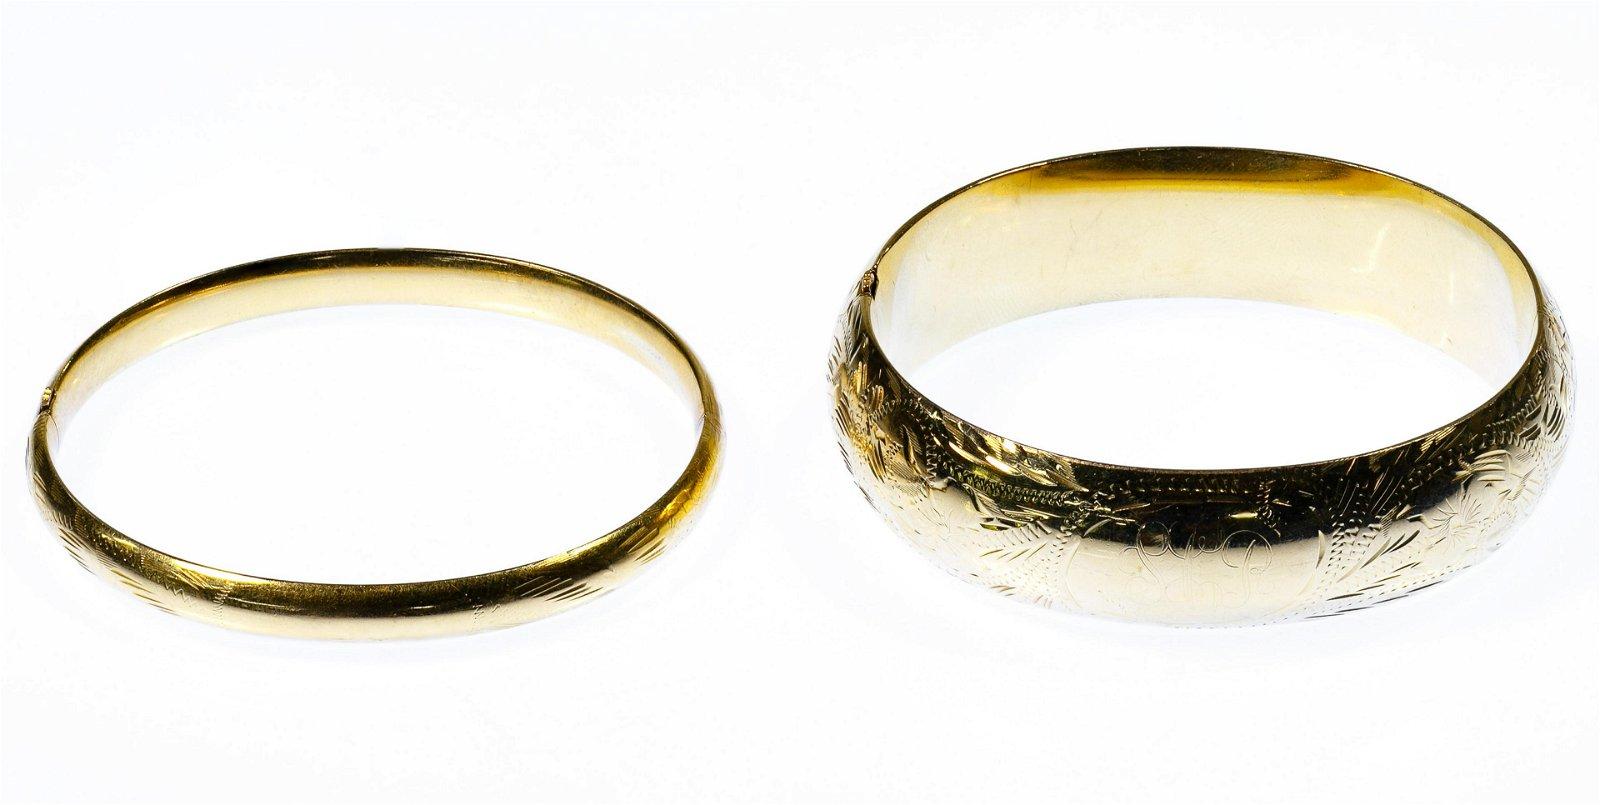 14k Gold Hinged Bangle Bracelets